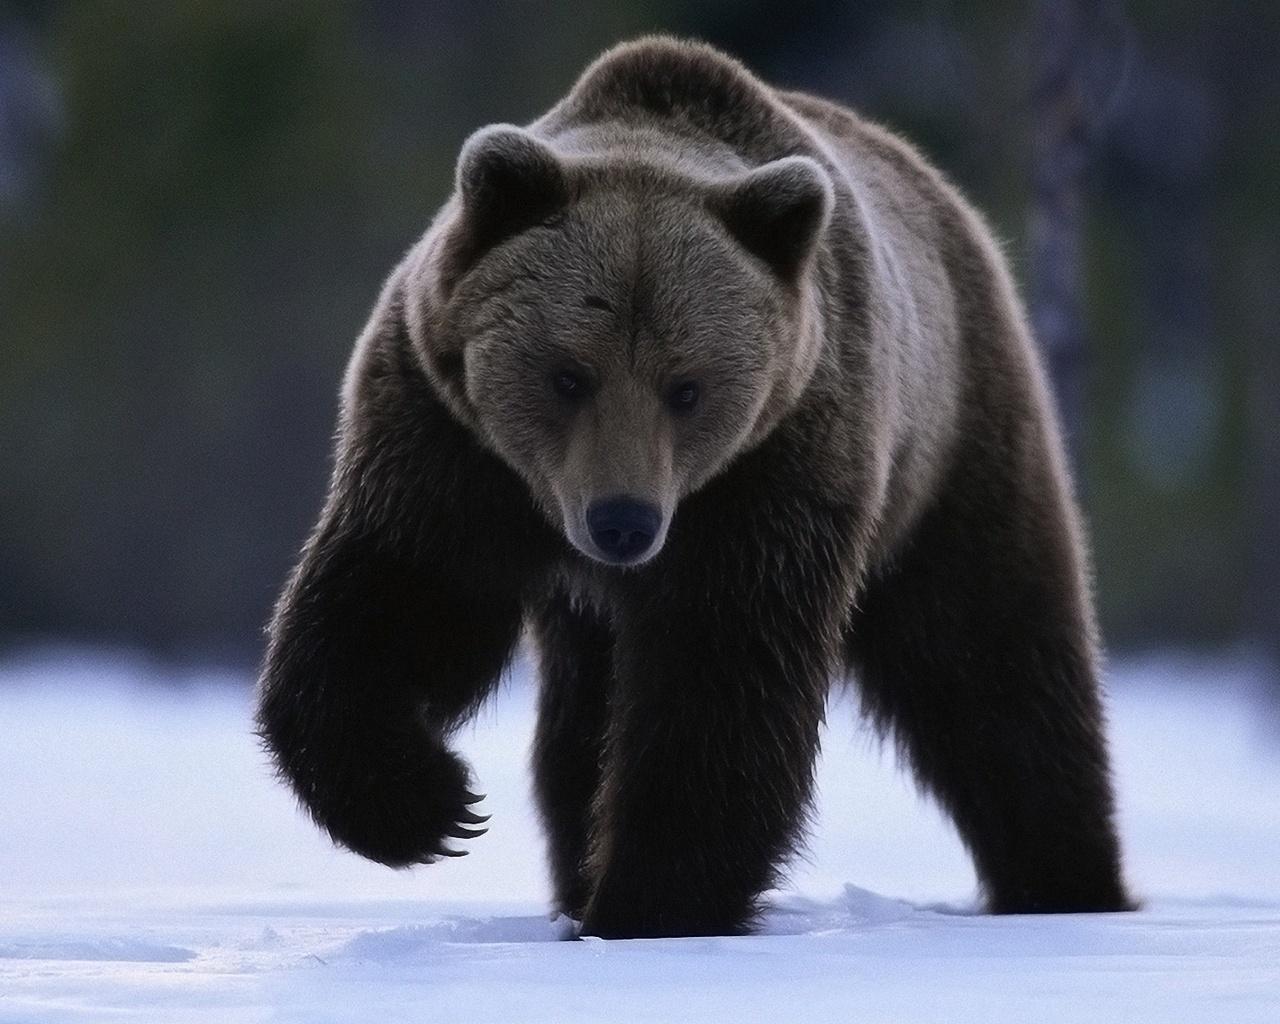 29963 Заставки и Обои Медведи на телефон. Скачать Медведи, Животные картинки бесплатно